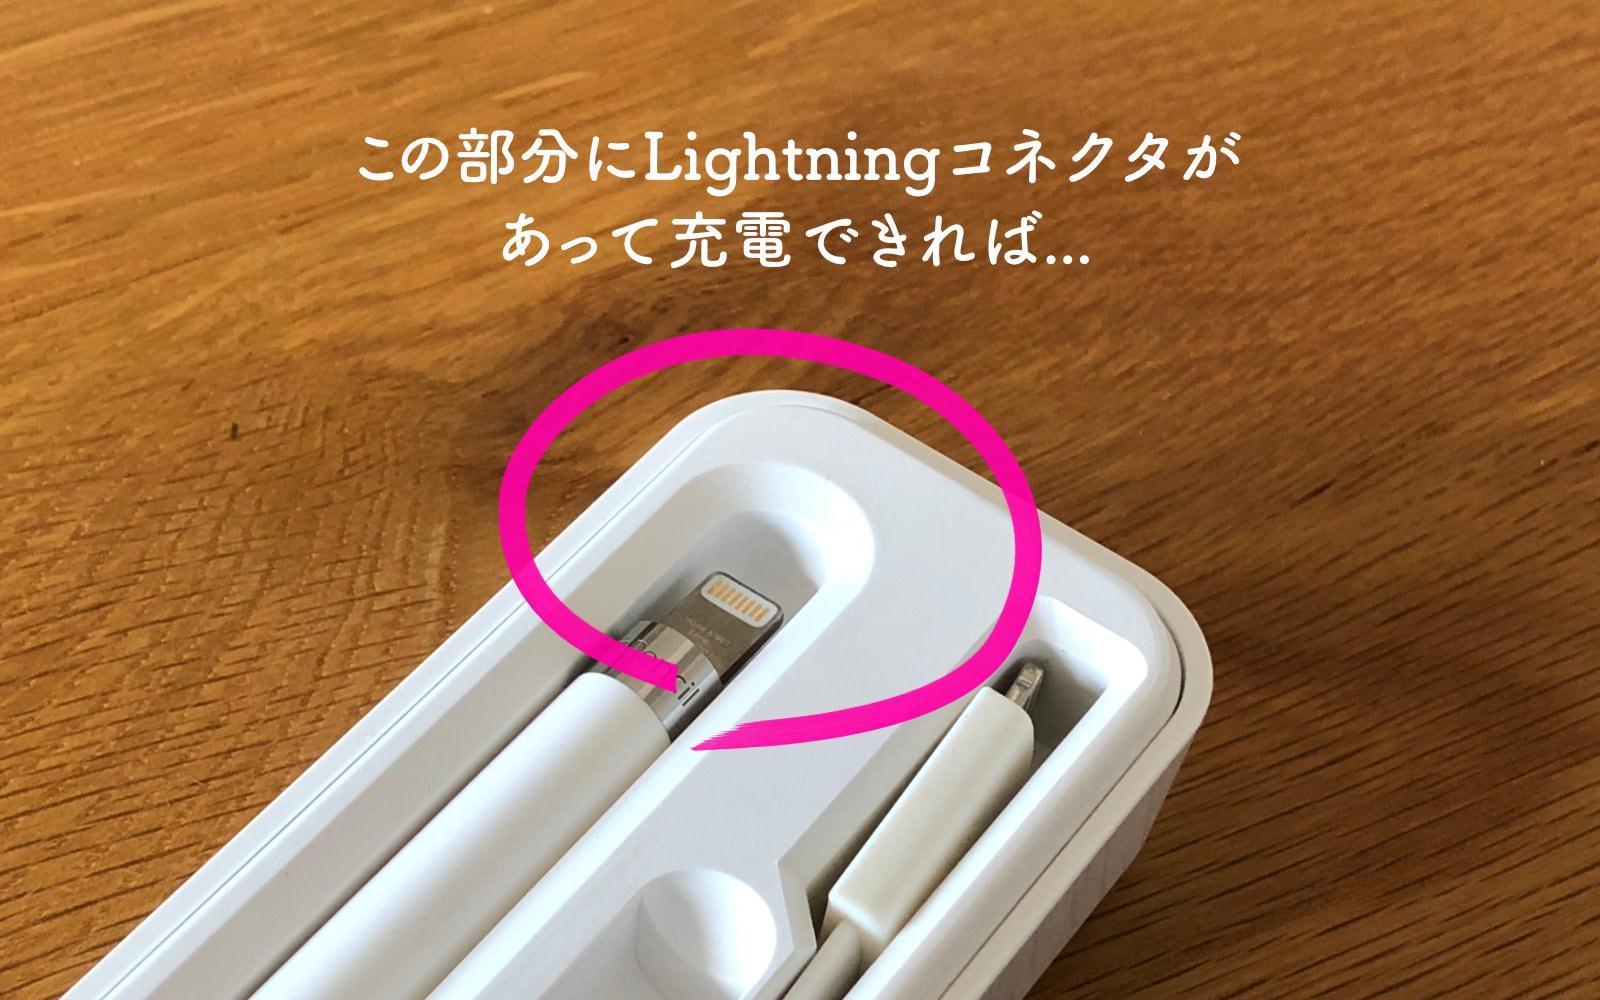 WILLGOOキャリングケースのApple Pencilを入れる部分。ここにLightningコネクタが付いていて充電できれば便利なのに